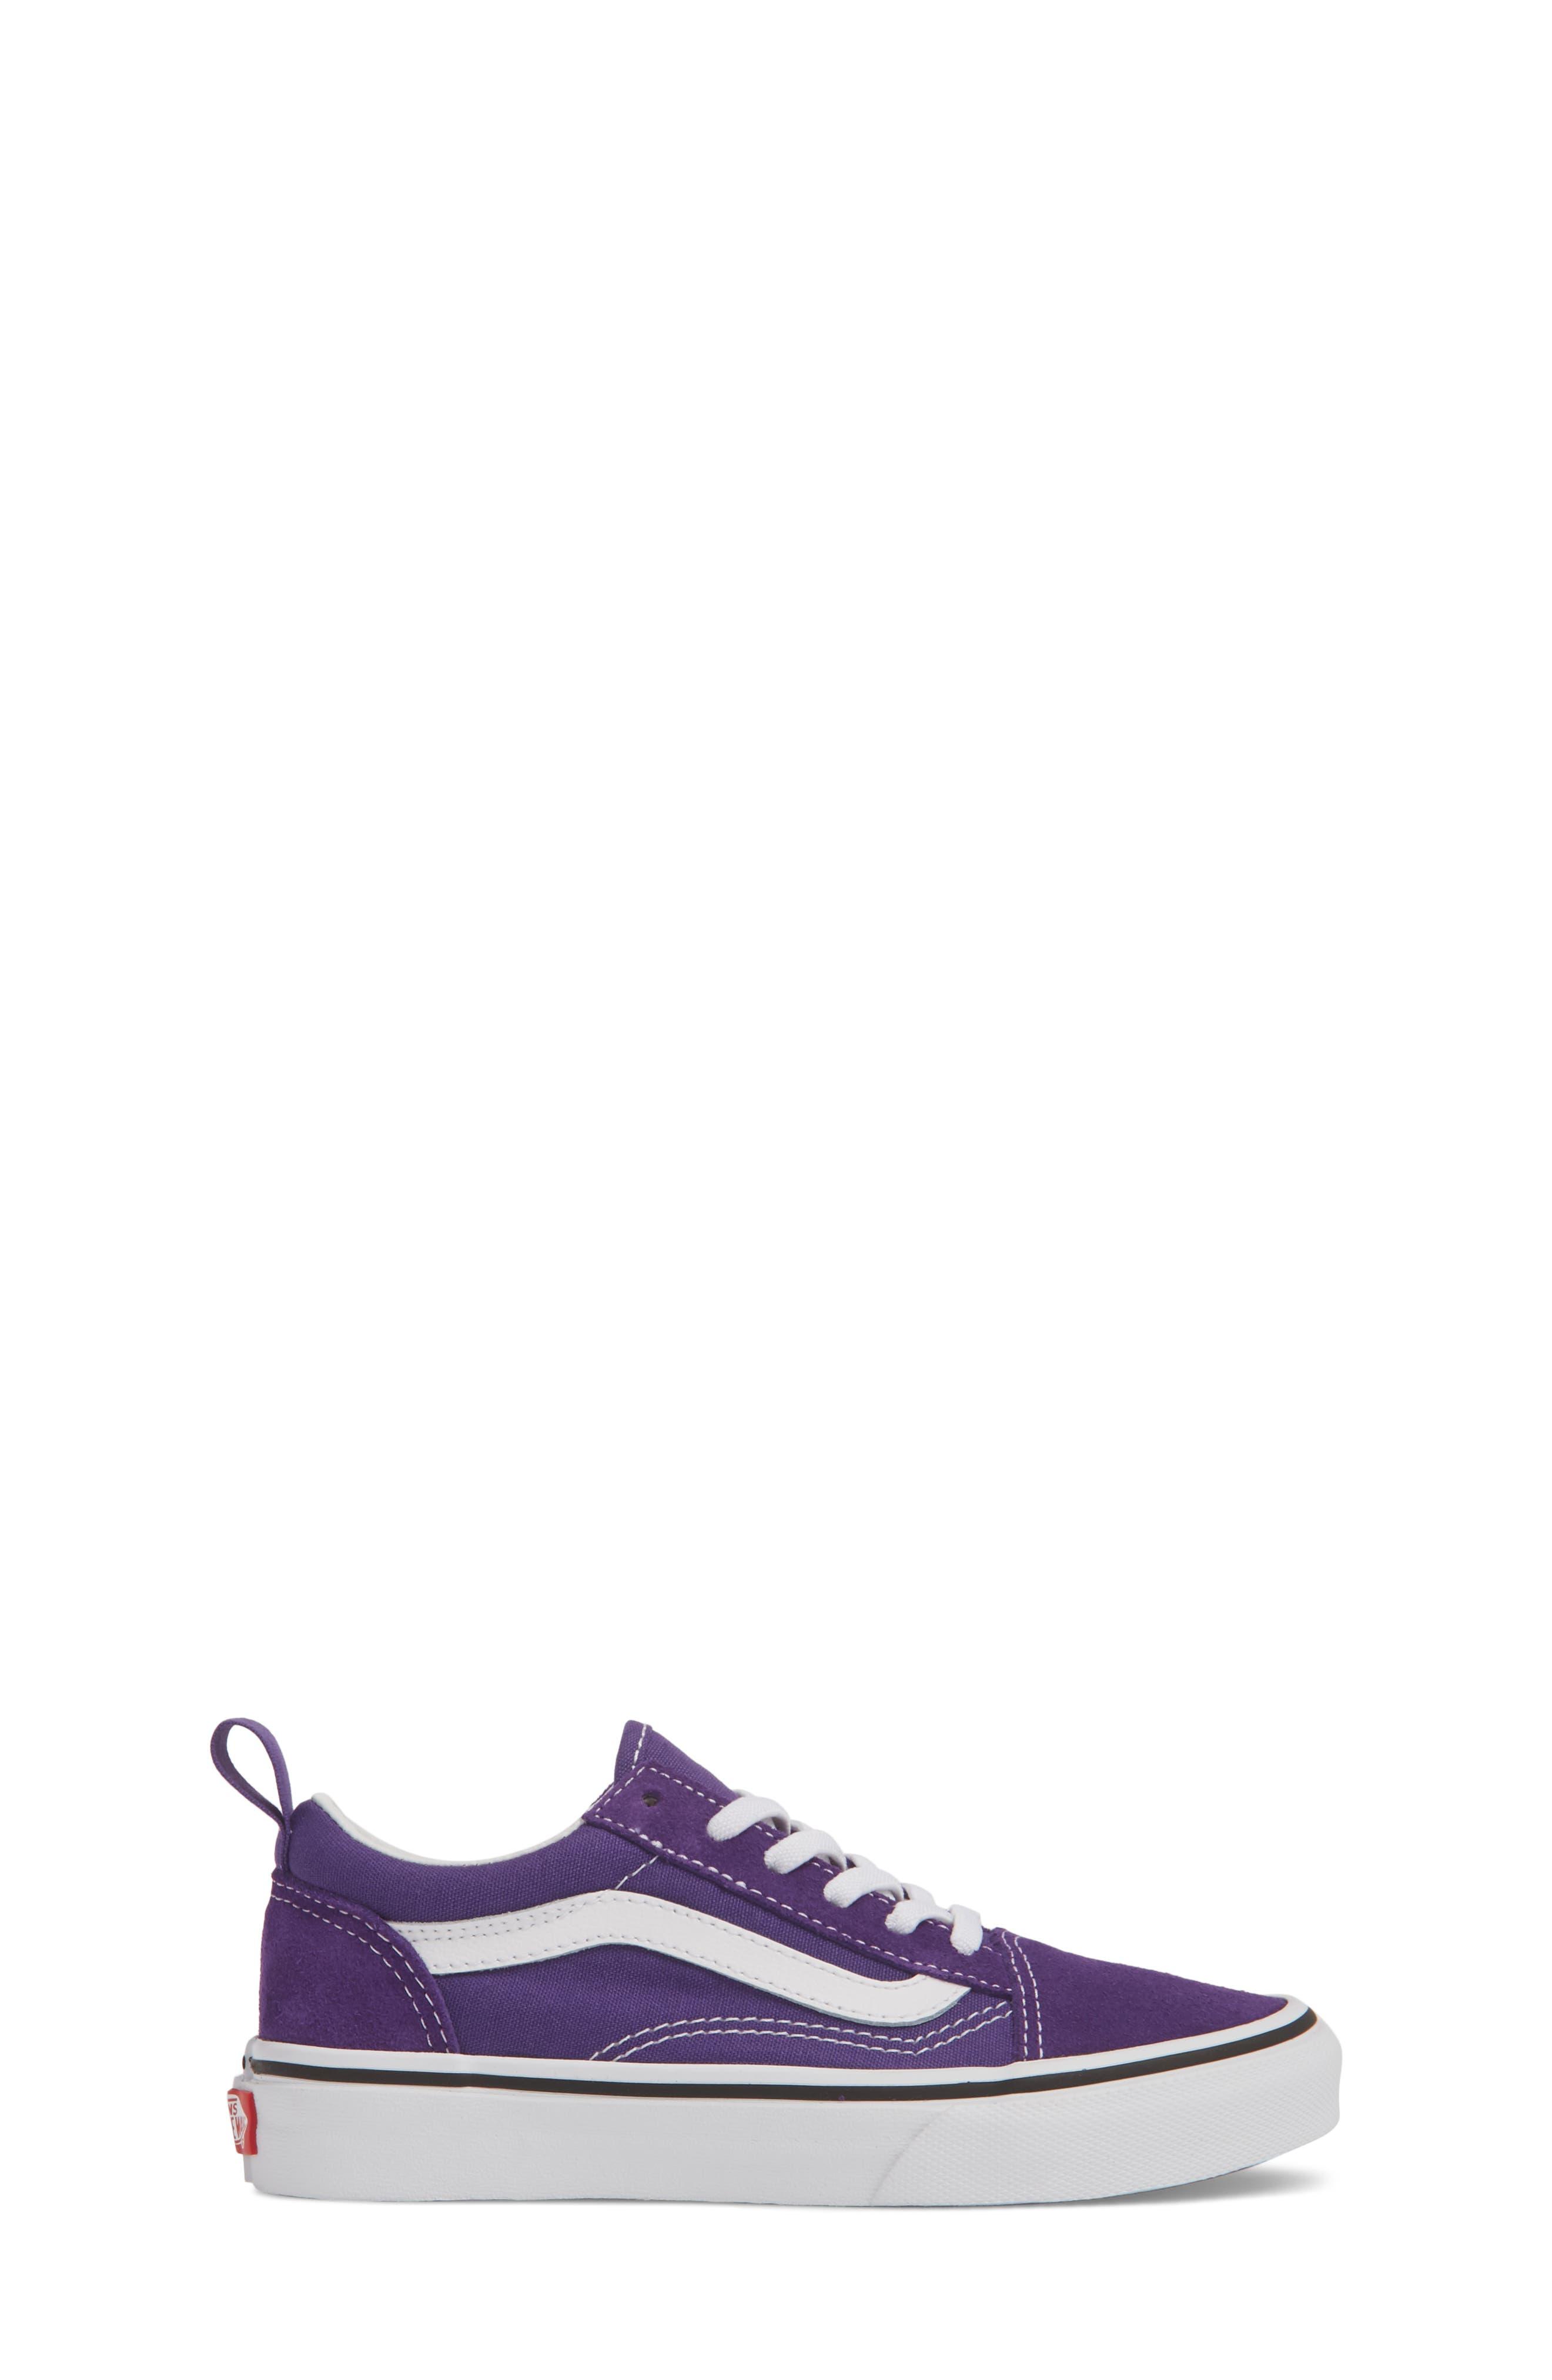 'Old Skool' Skate Sneaker,                             Alternate thumbnail 3, color,                             HELIOTROPE/ WHITE